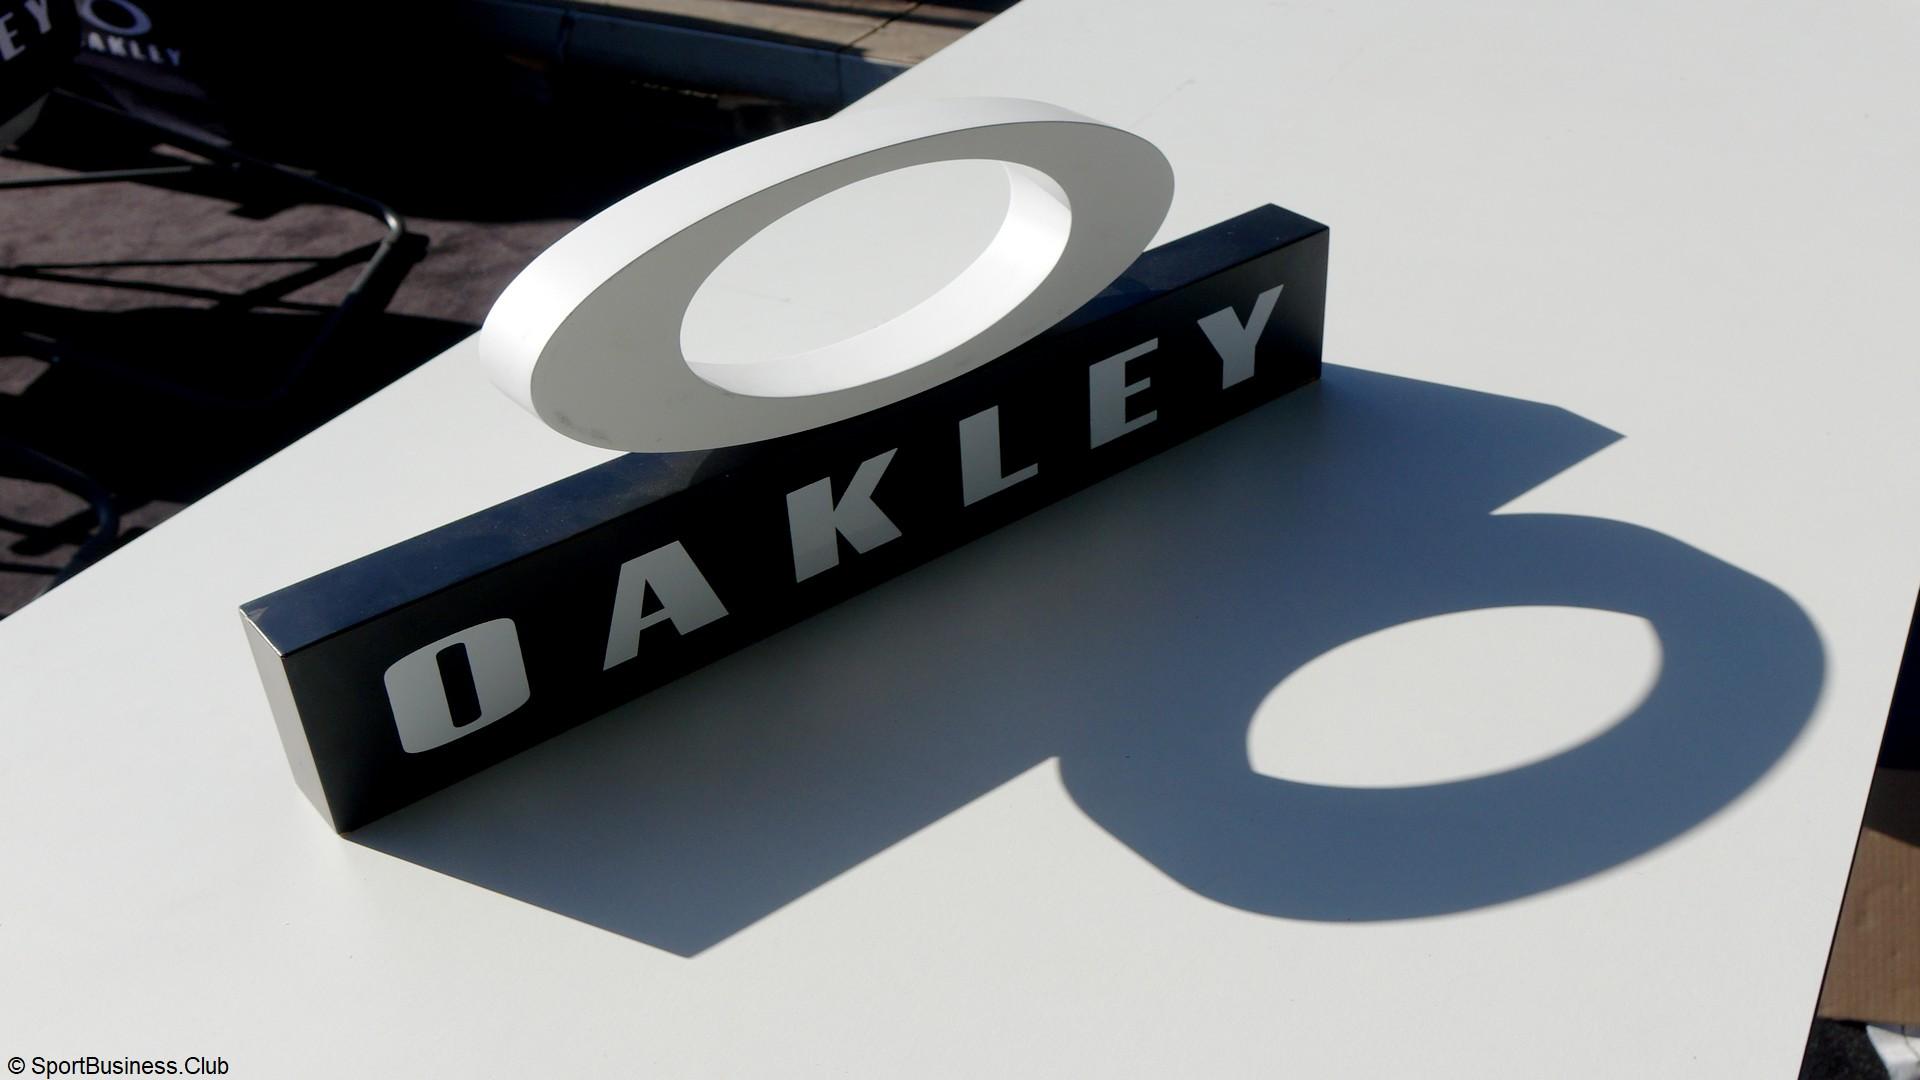 Oakley (1) logo